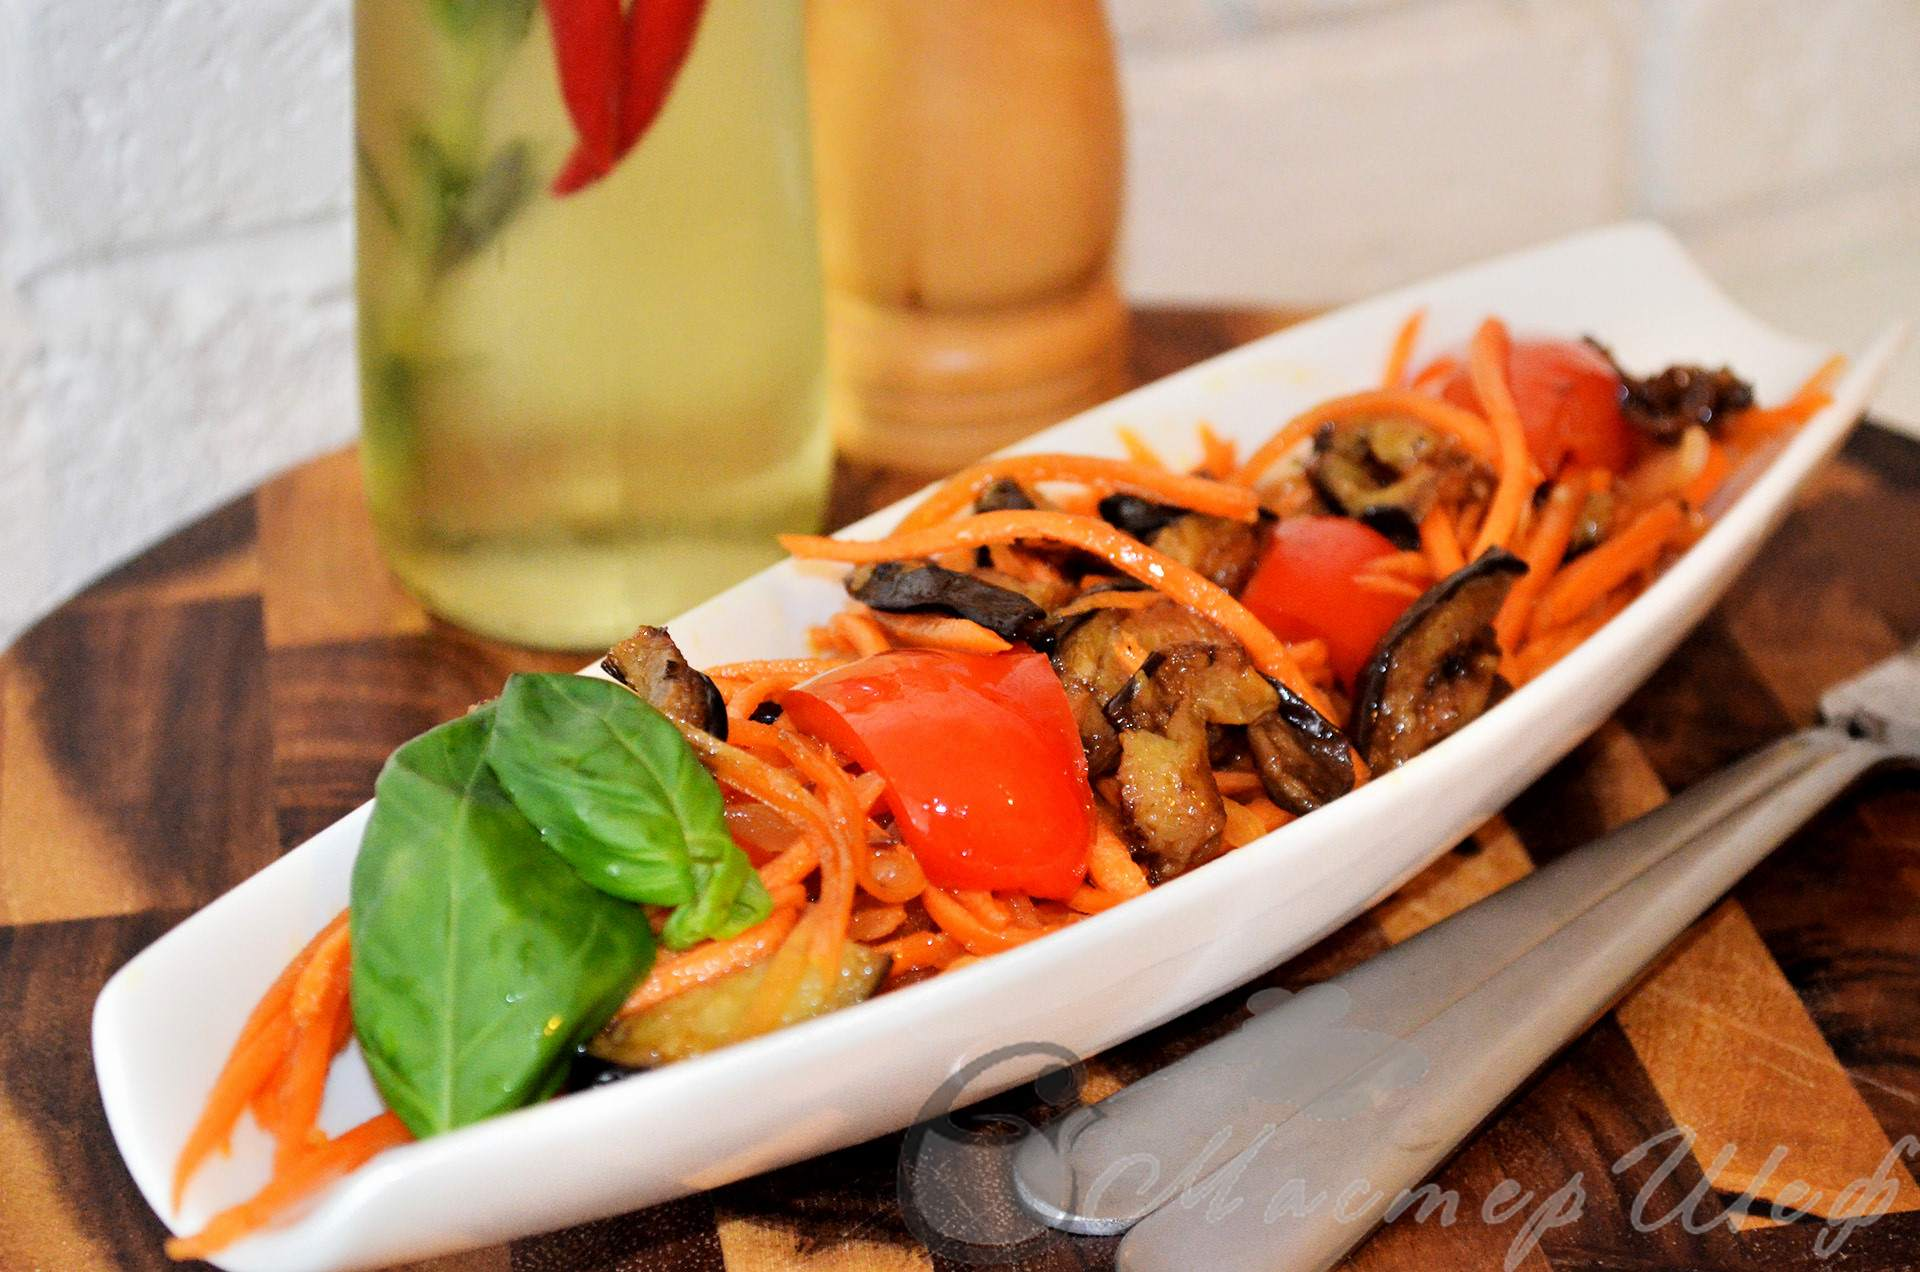 Салат из баклажанов 12 самых классных рецептов